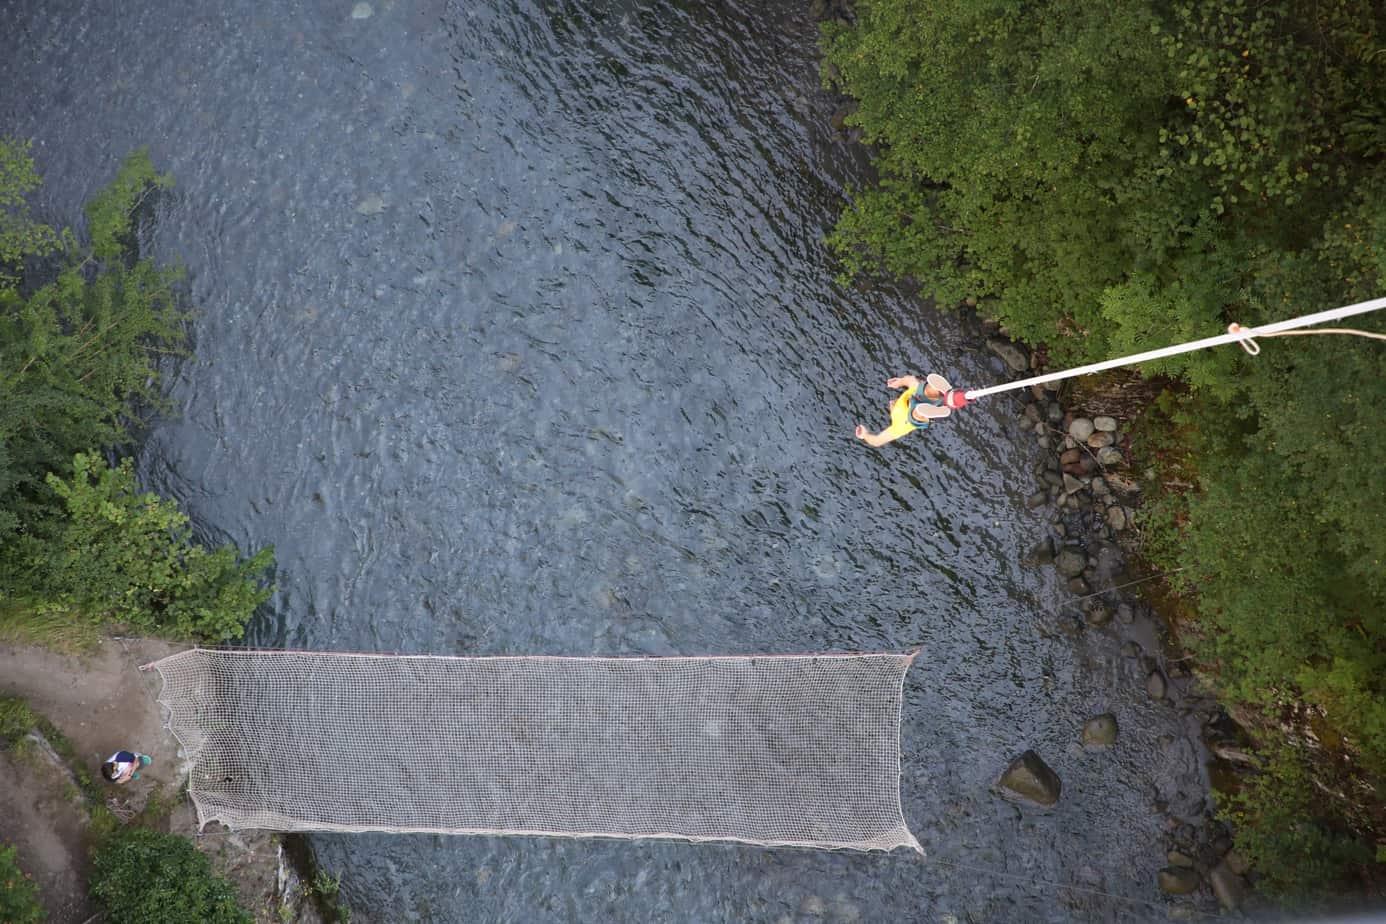 saut-elastique-pont-napoleon-luz-st-sauveur-pyrenees-orientales-pres-de-lourdes-bordeaux-toulouse-tarbes